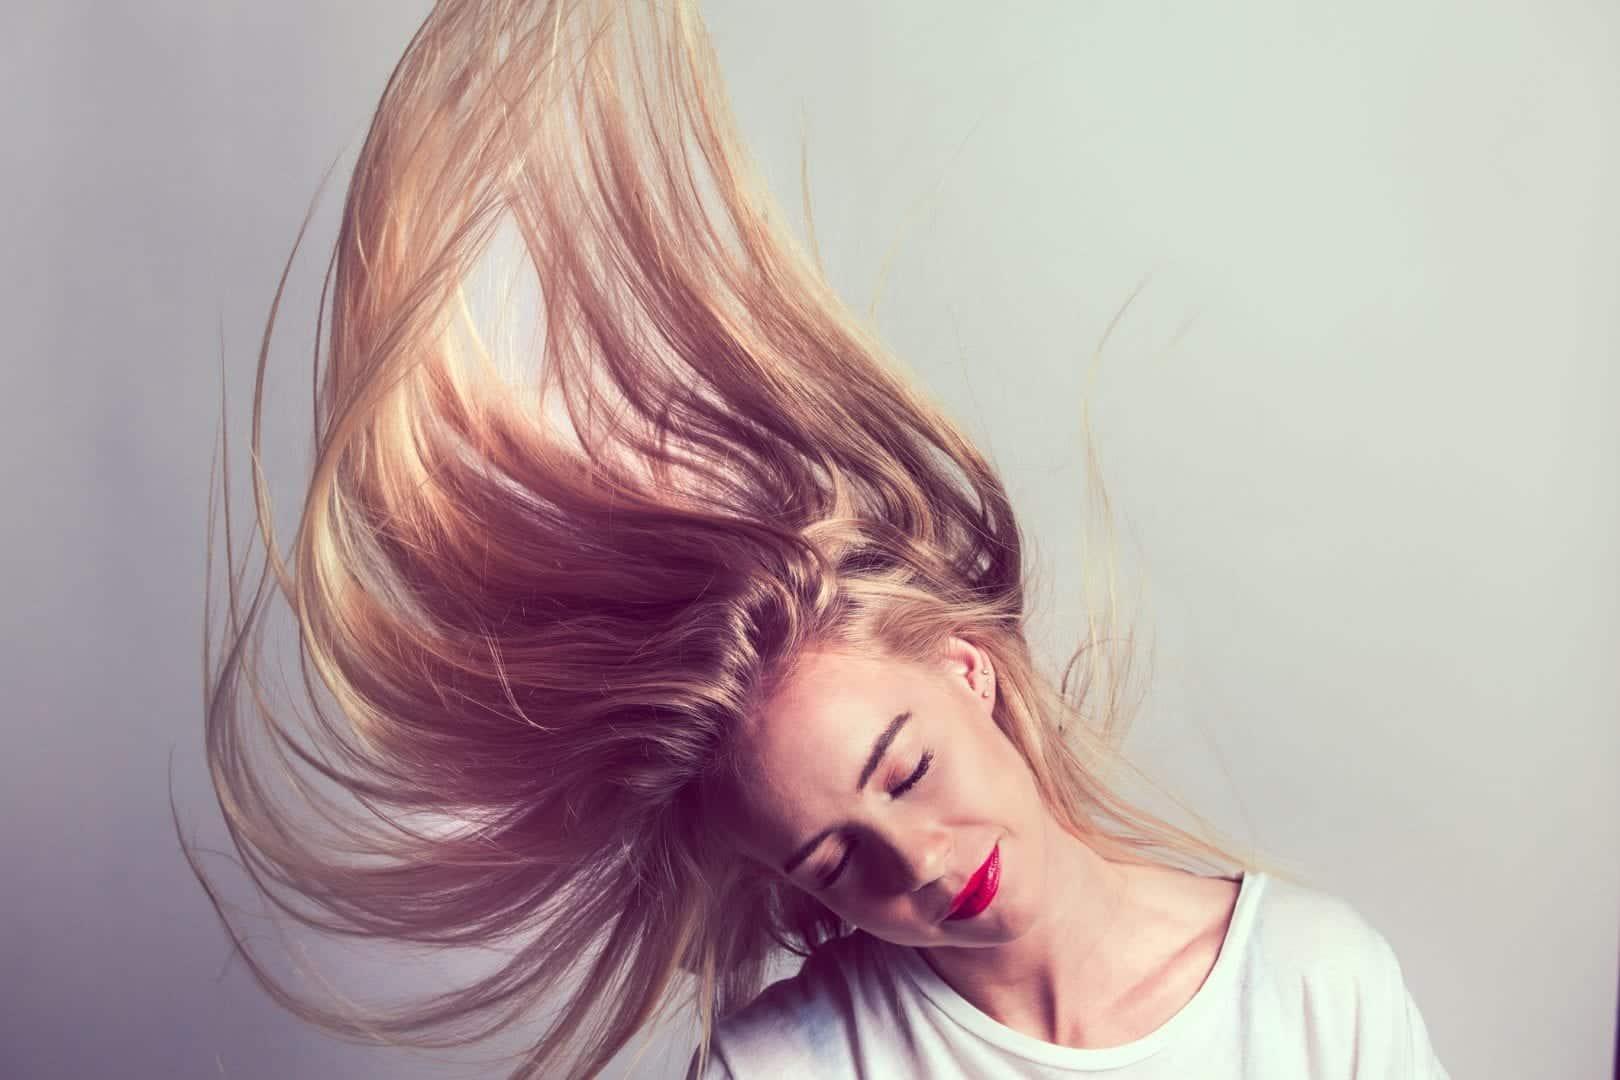 Azeite no cabelo- Benefícios + receitas caseiras de hidratação